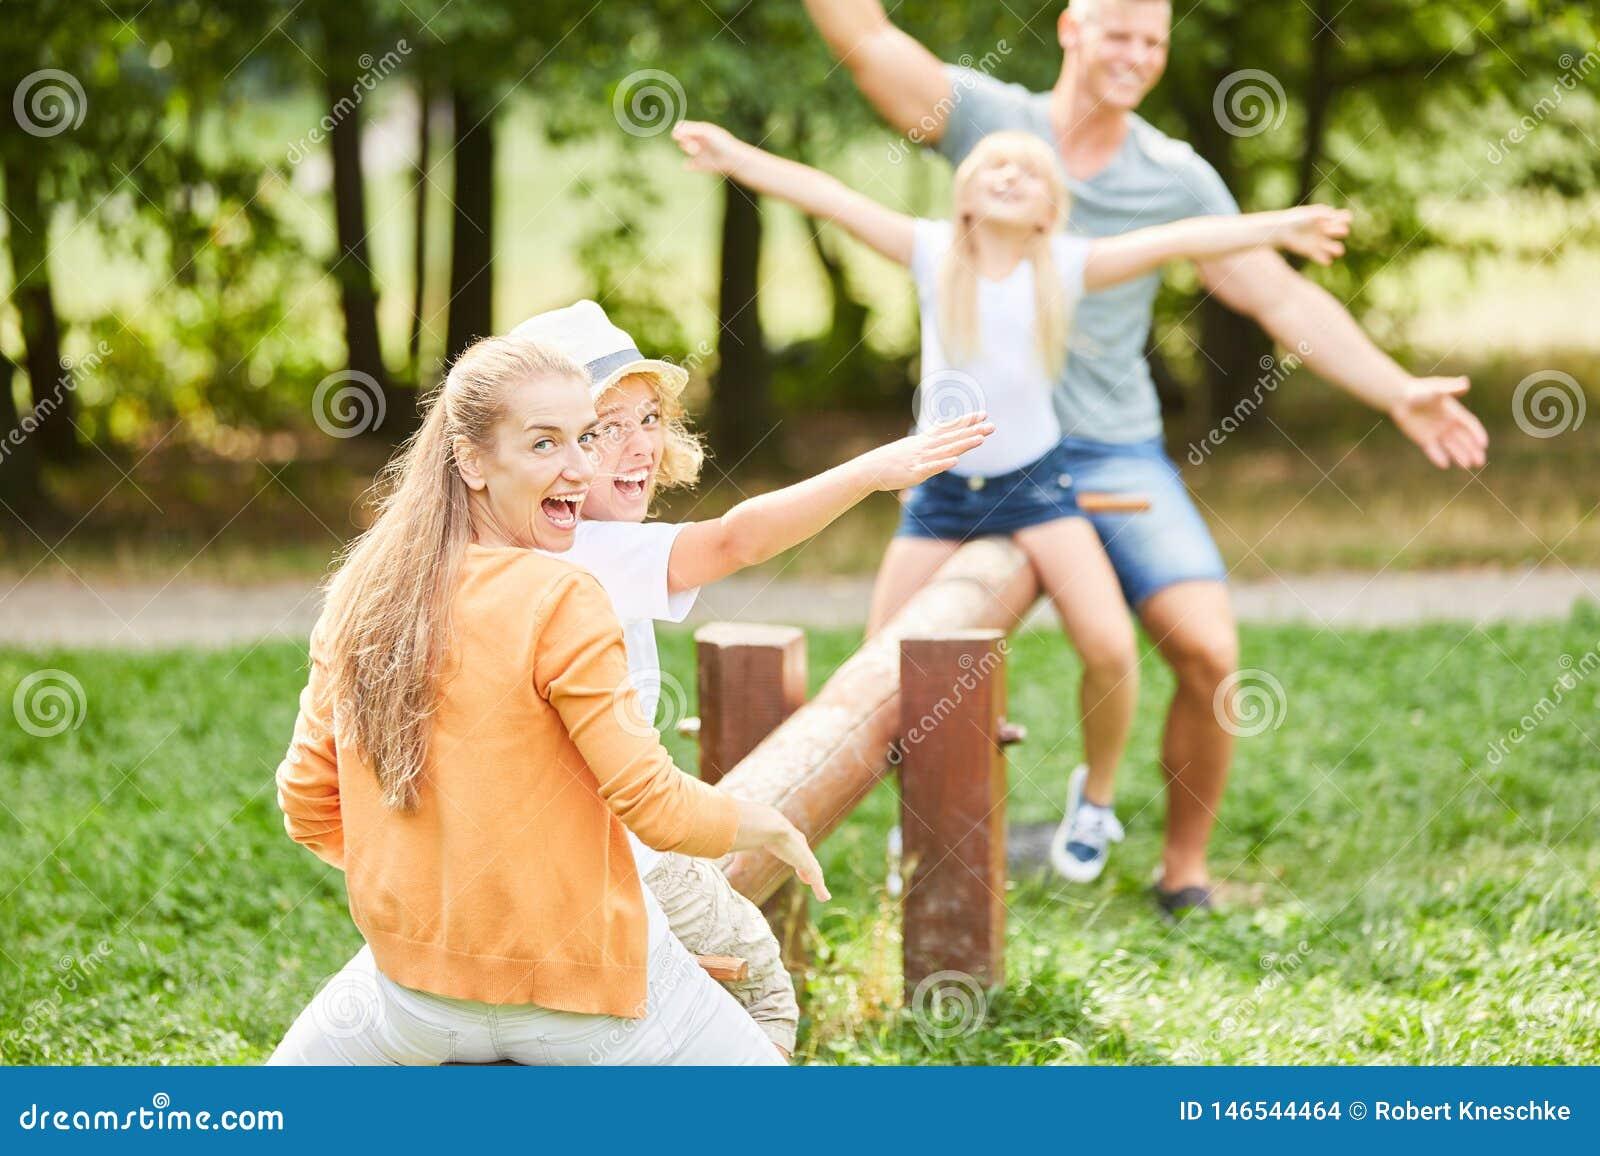 De actieve familie heeft pret op de schommeling